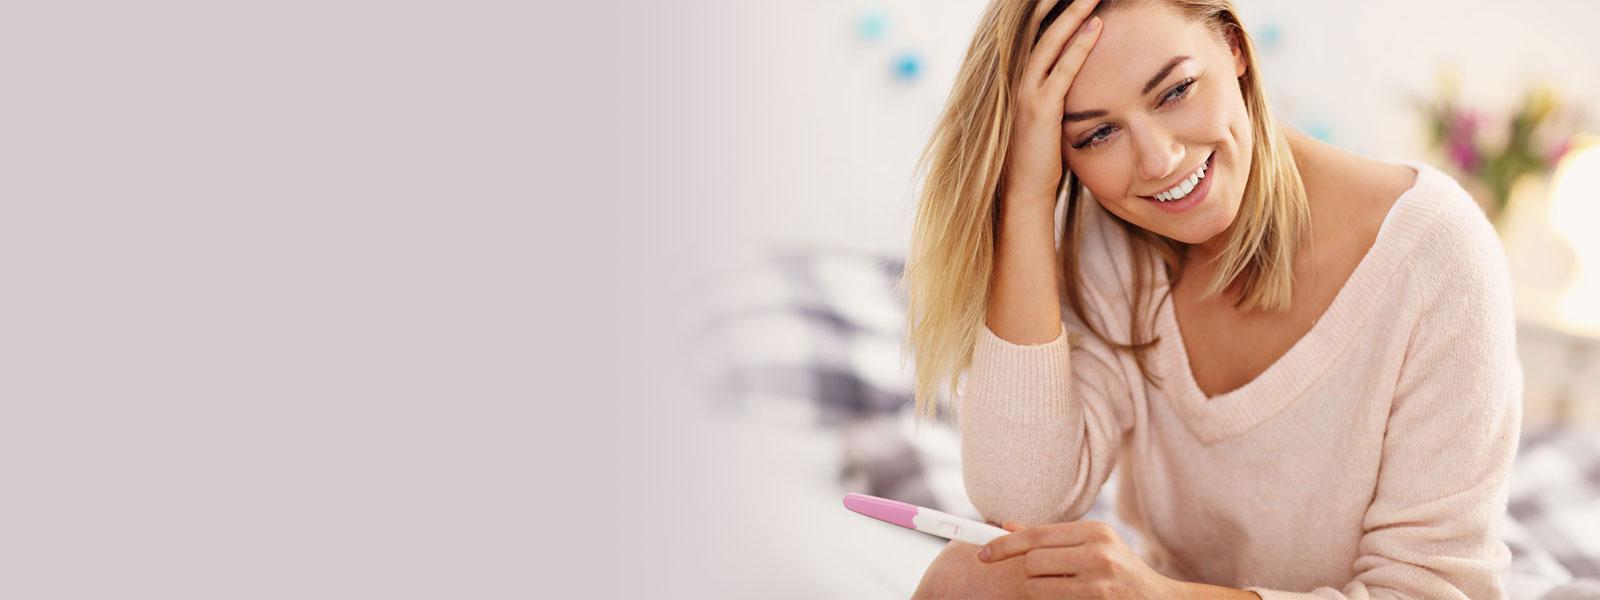 Ju äldre kvinnan är, desto mindre ofta kommer det ägg av god kvalité vilket innebär att det kan ta lång tid innan en graviditet uppstår.